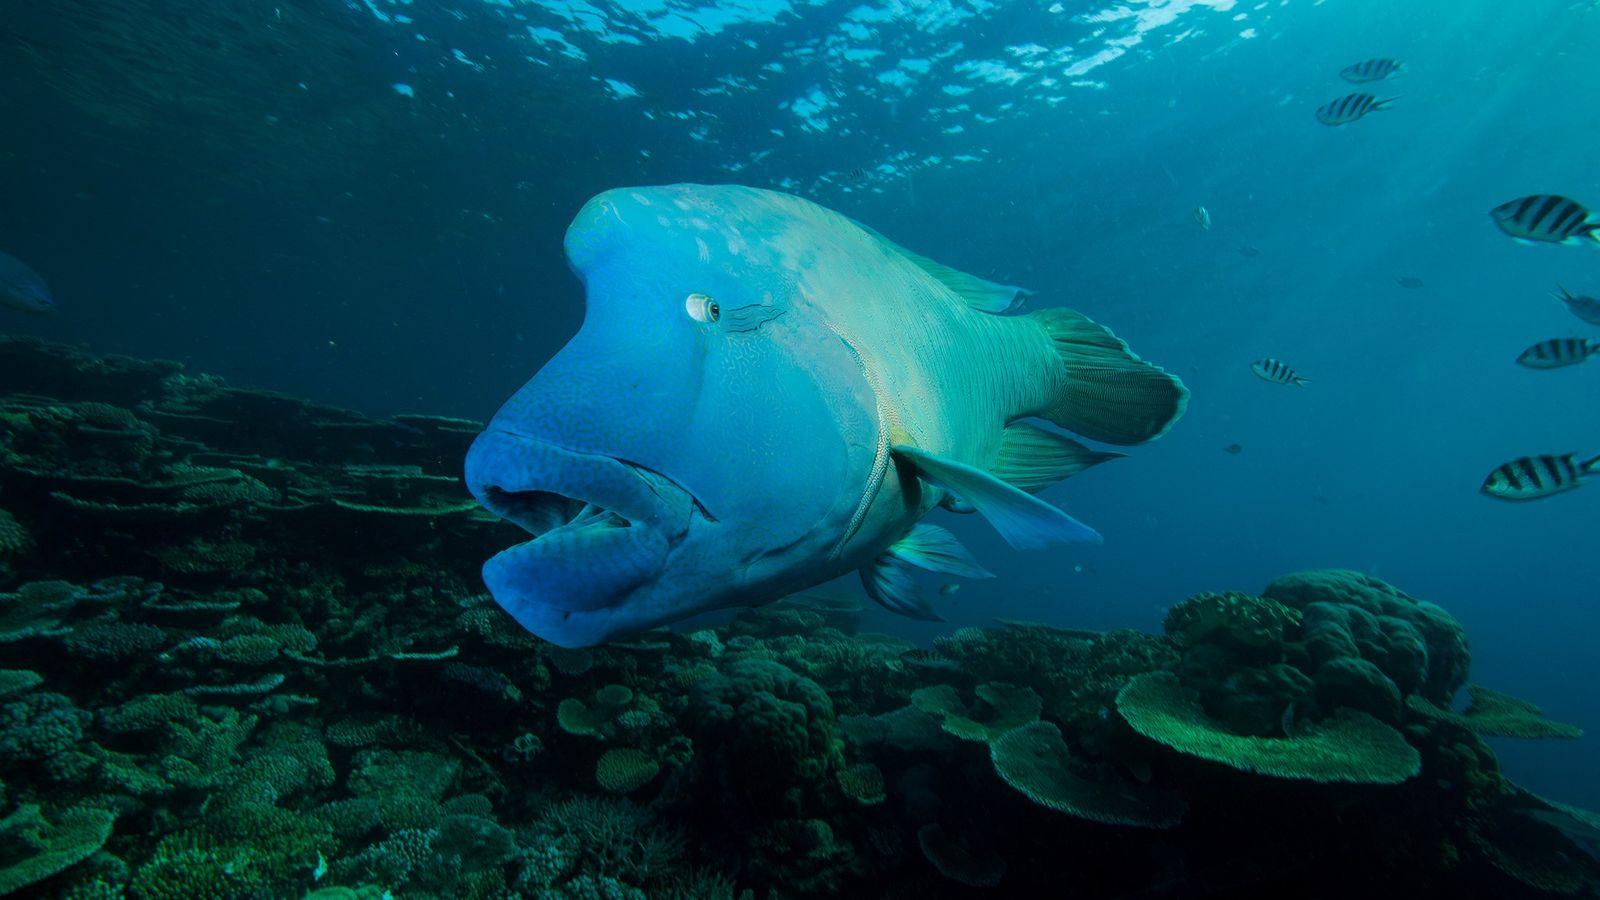 Pesant jusqu'à 180 kilogrammes et doté de marques distinctives derrière ses yeux, le napoléon est un ...